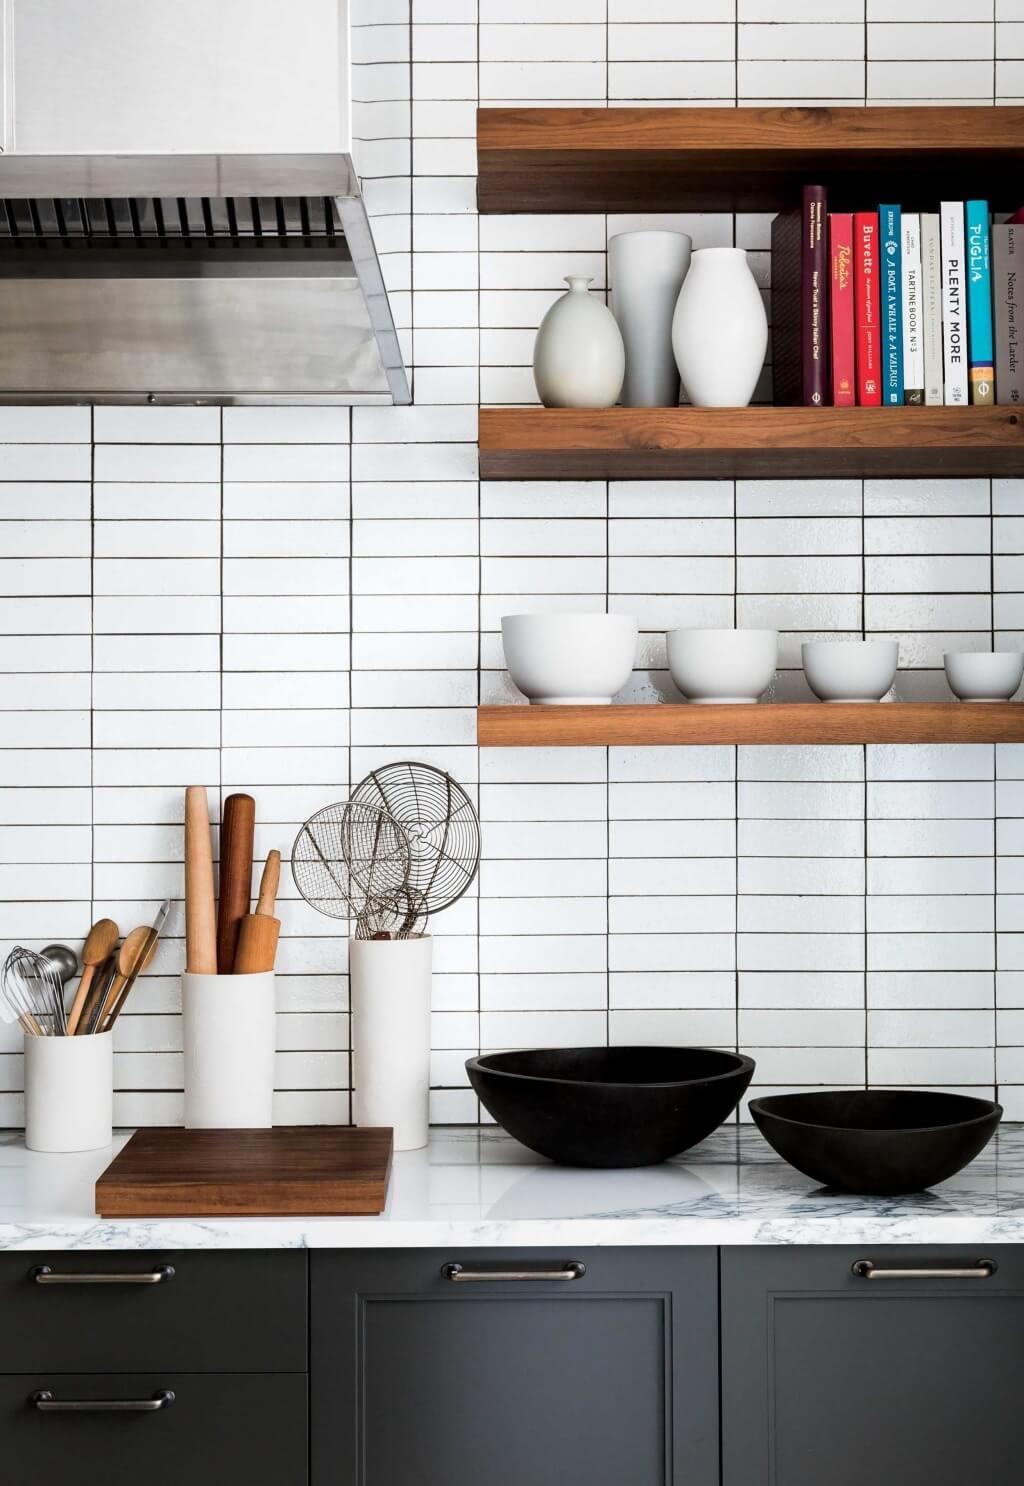 Svart och vitt badrumsplattor kök backsplash